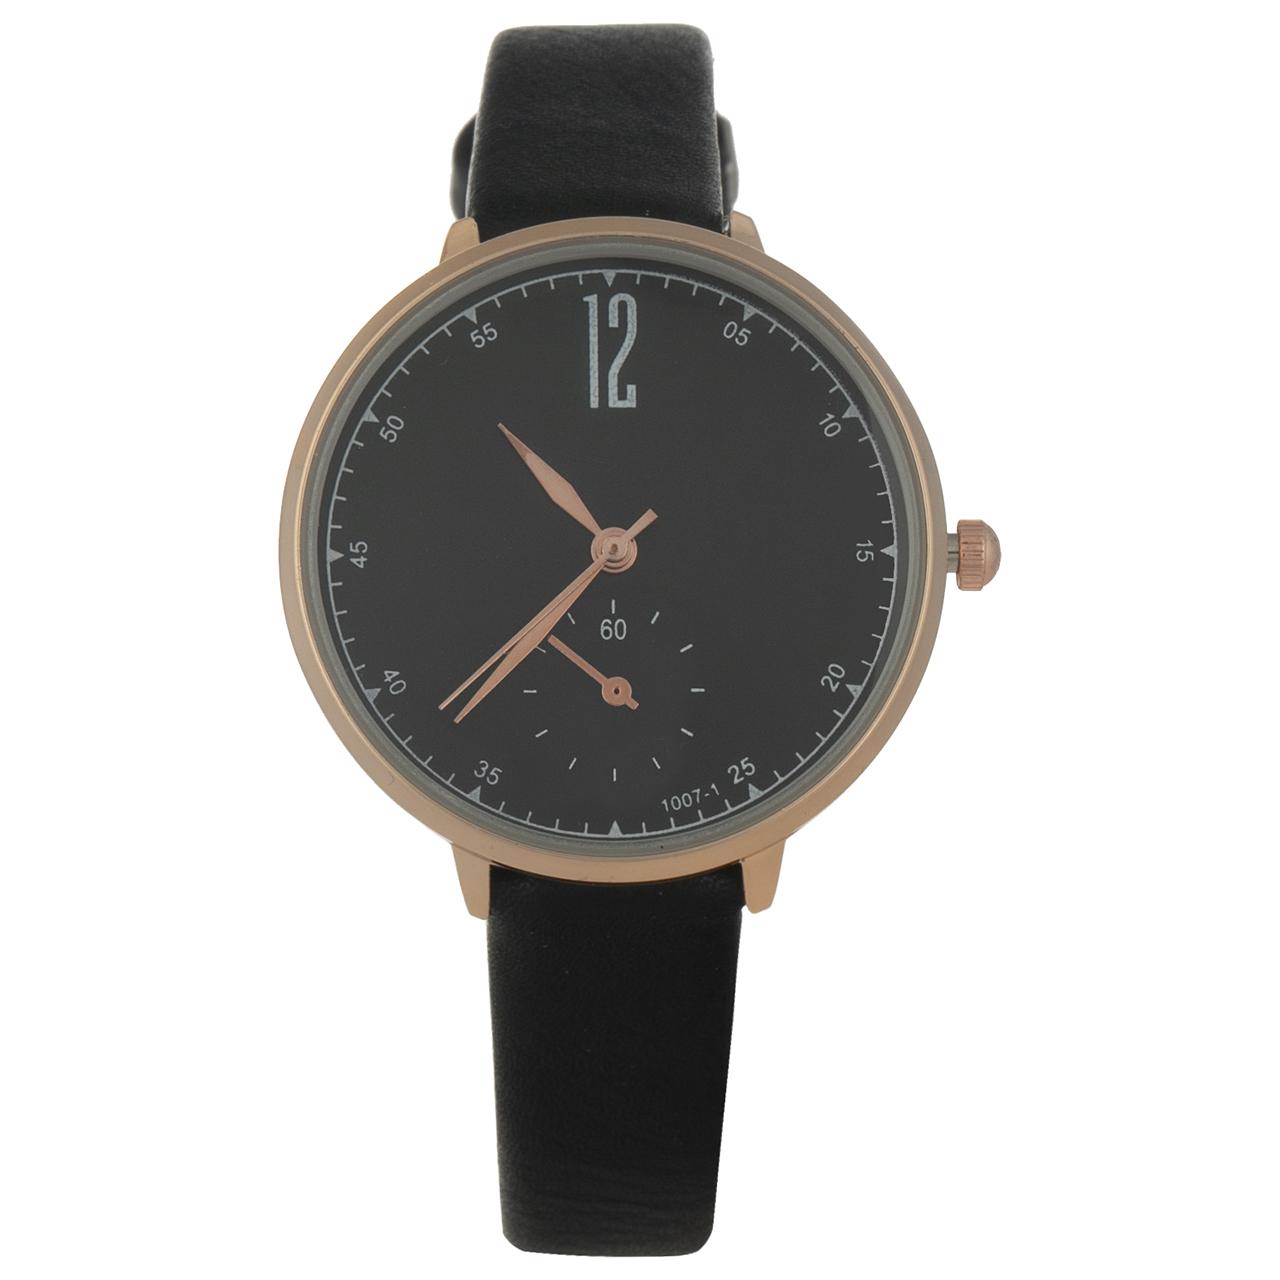 خرید ساعت مچی عقربه ای زنانه دیکایهونگ کد 1007 مدل DW2